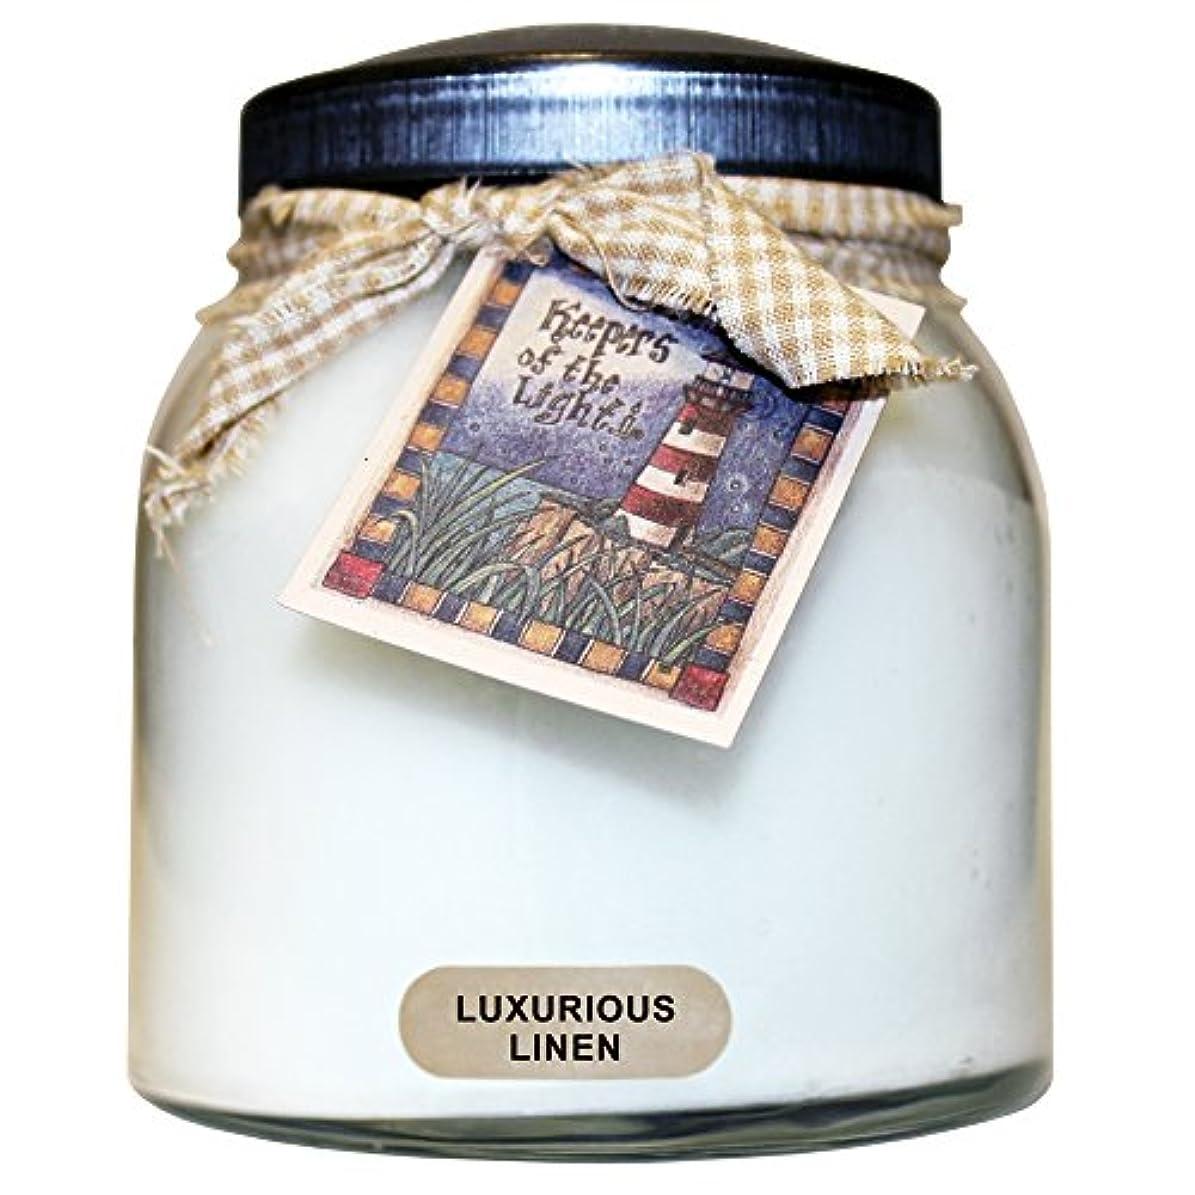 実験すみません雨のA Cheerful Giver豪華なリネンベビーJar Candle 34oz JP02